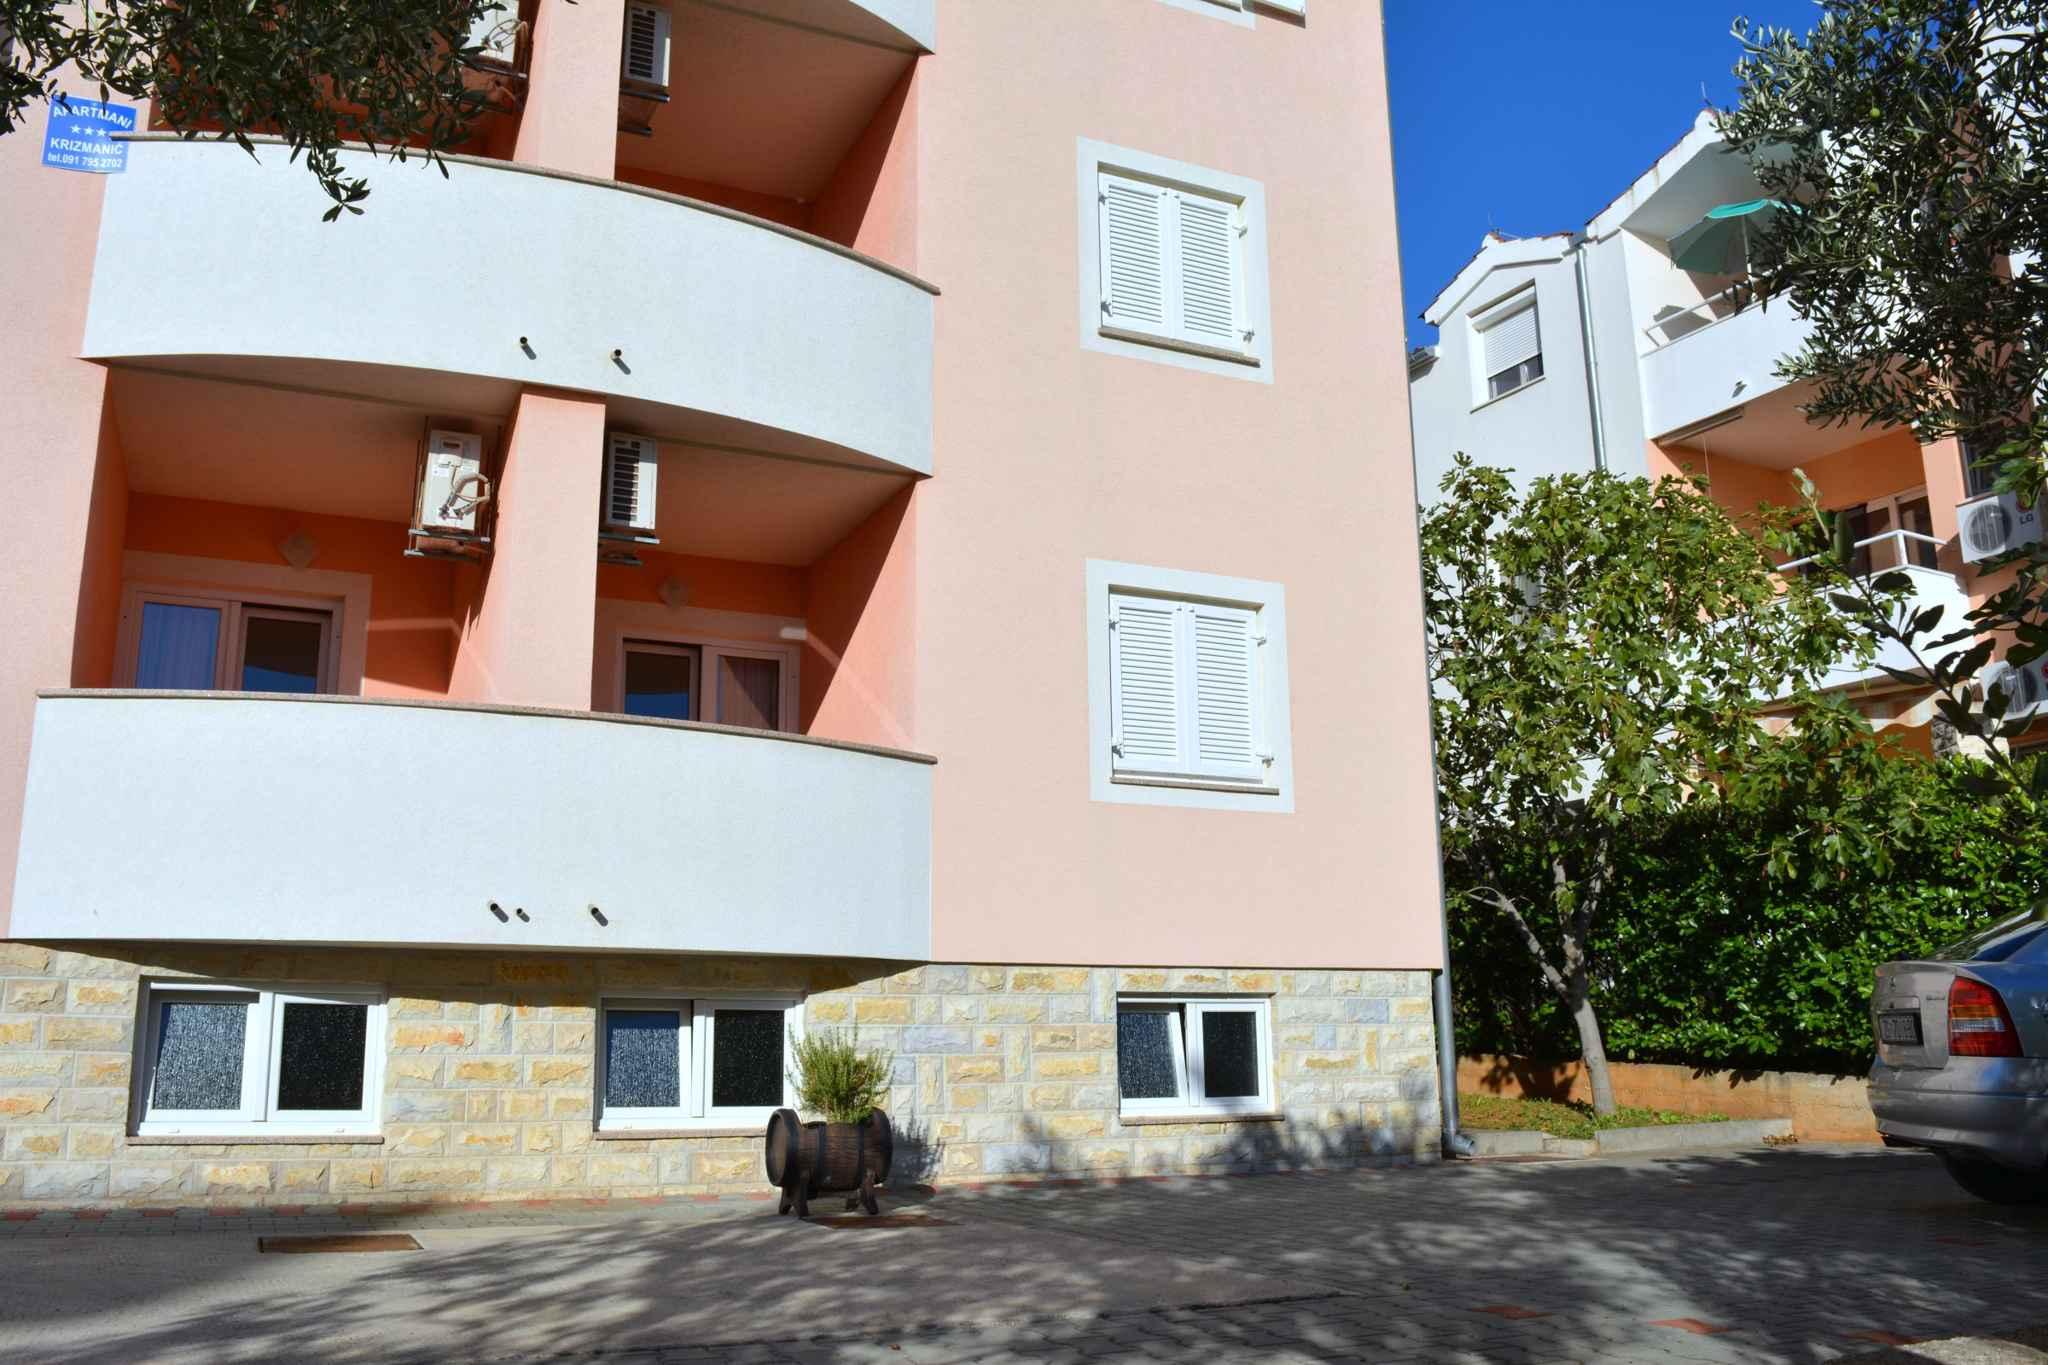 Ferienwohnung mit Internet in der Nähe der Adria (278861), Vodice, , Dalmatien, Kroatien, Bild 2